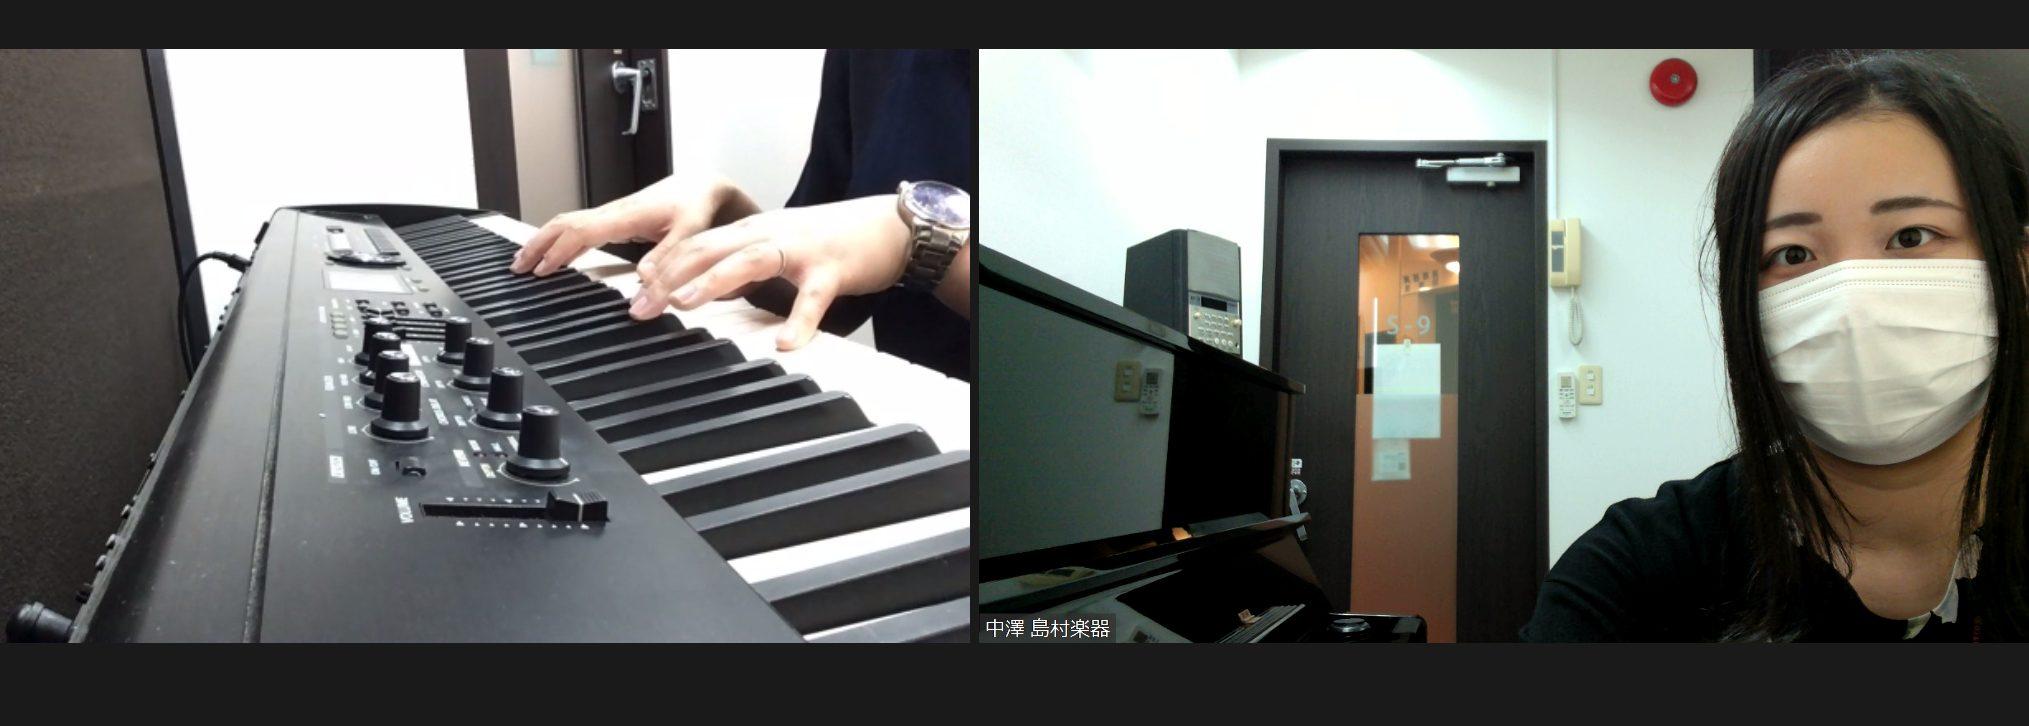 オンライン ピアノ レッスン 風景 中澤 瑞江 ピアノ教室 オンラインレッスン